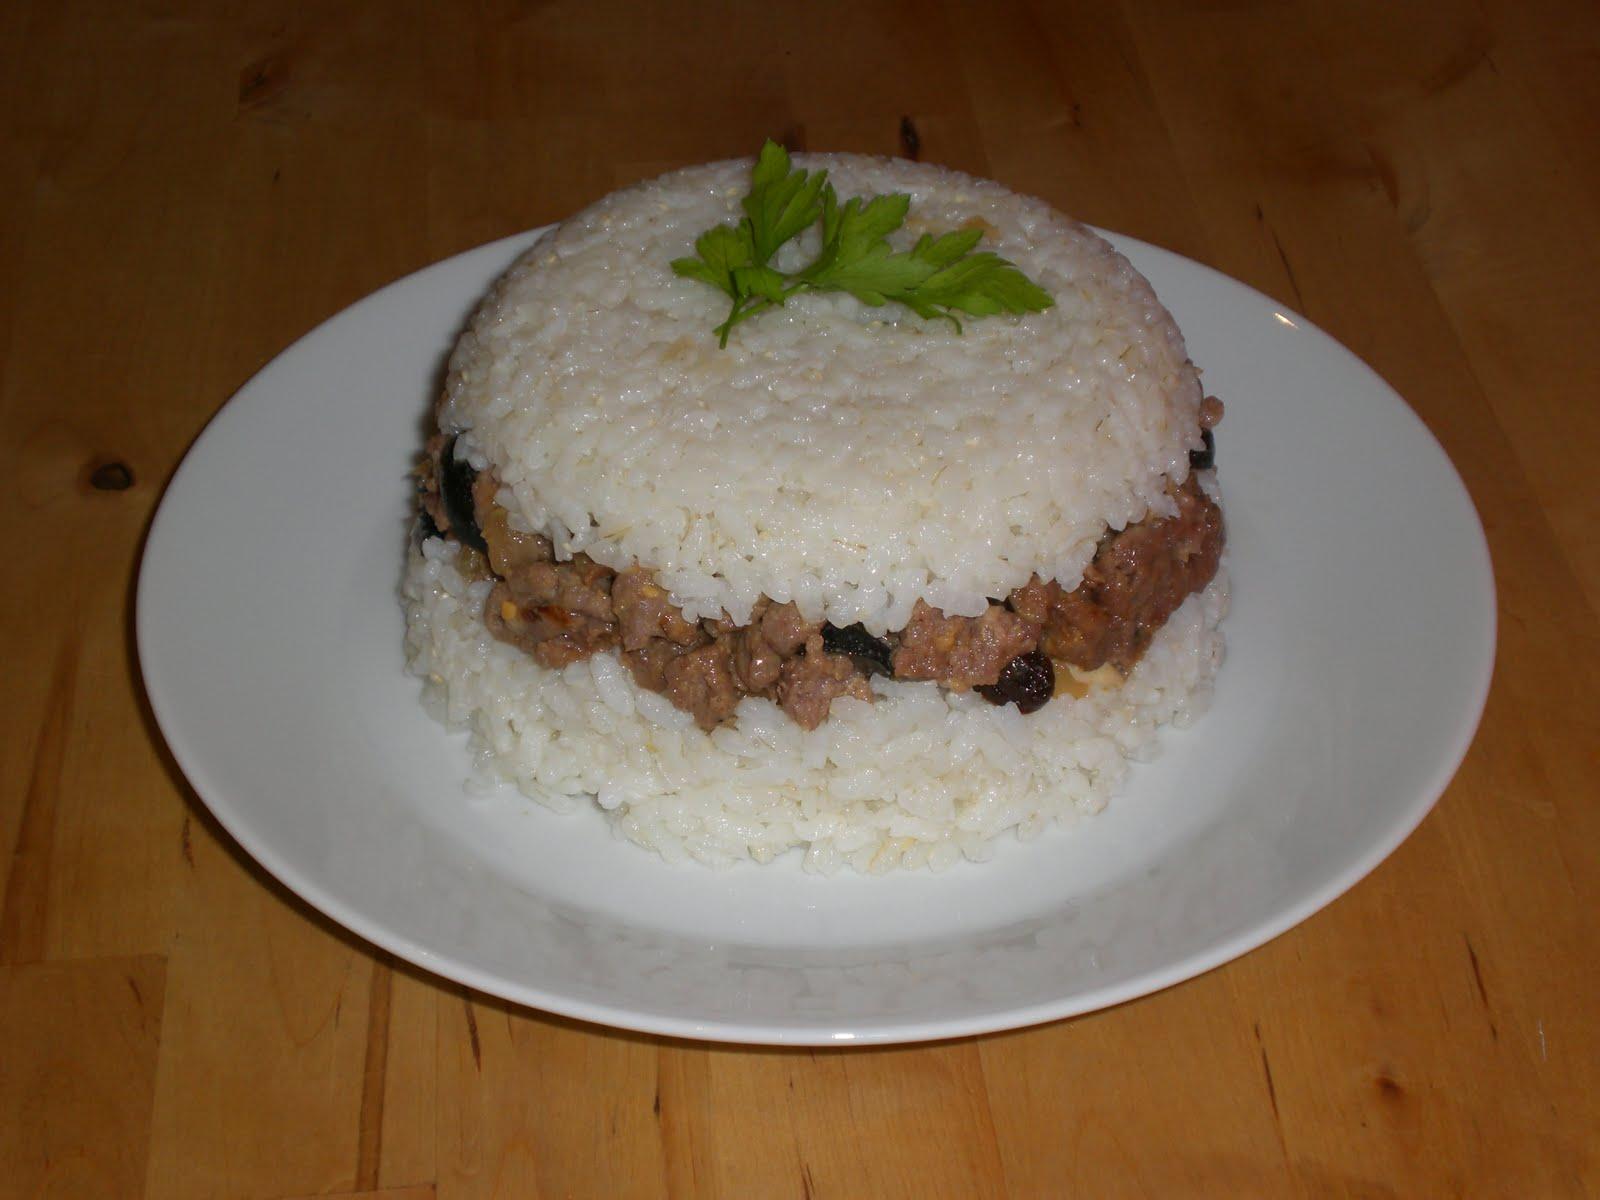 Arroz tapado receta fácil y gratis - Cocina Recetas